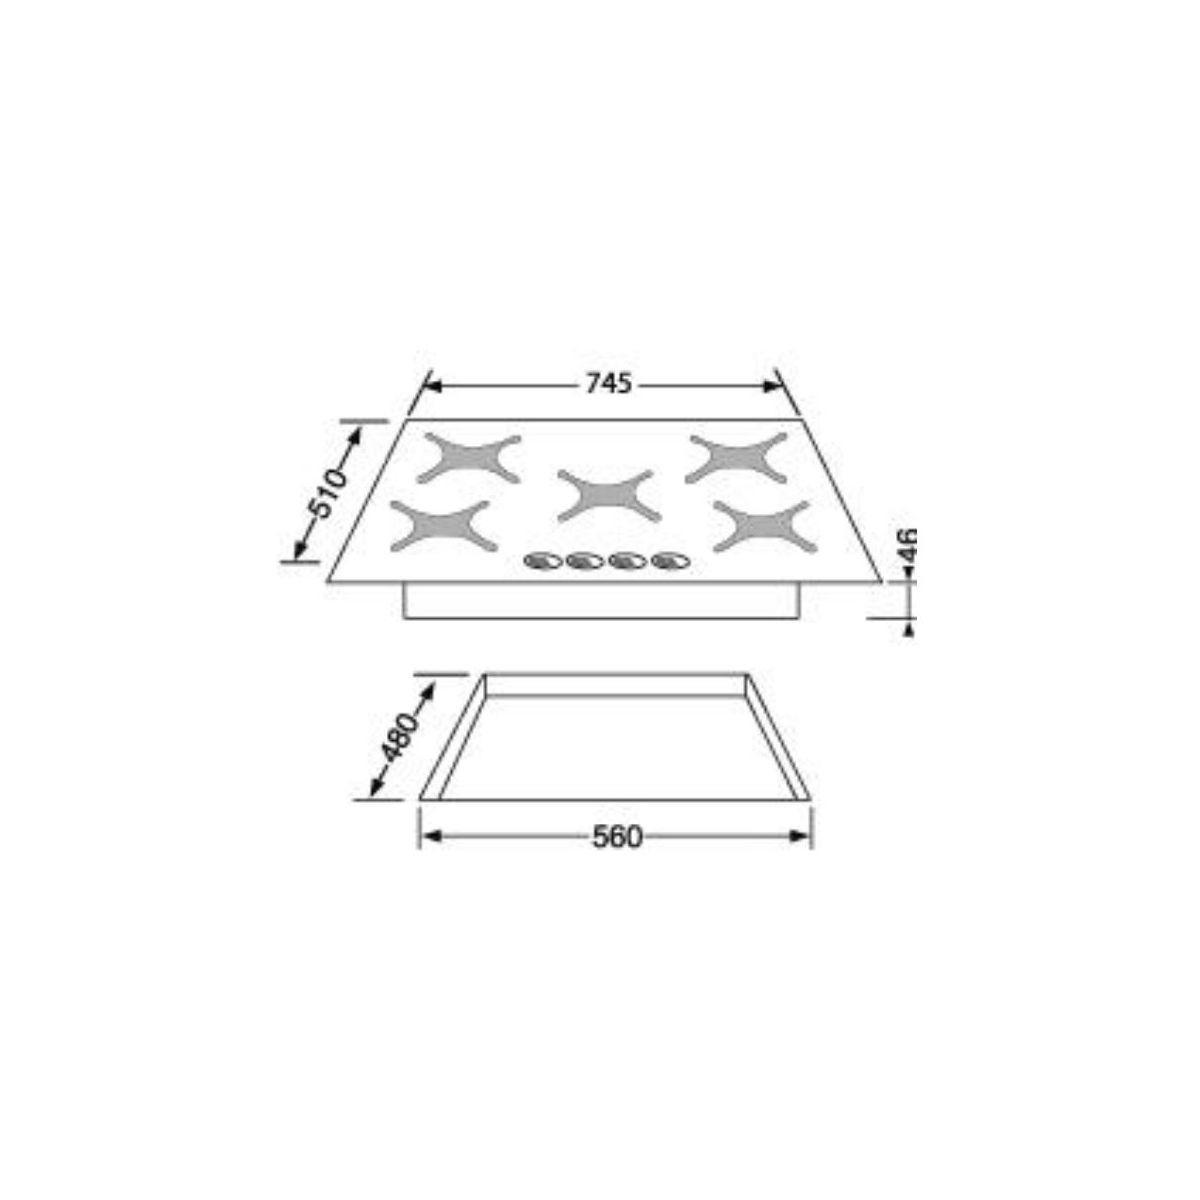 Table gaz rosieres rtv750fpn - 20% de remise imm�diate avec le code : gam20 (photo)